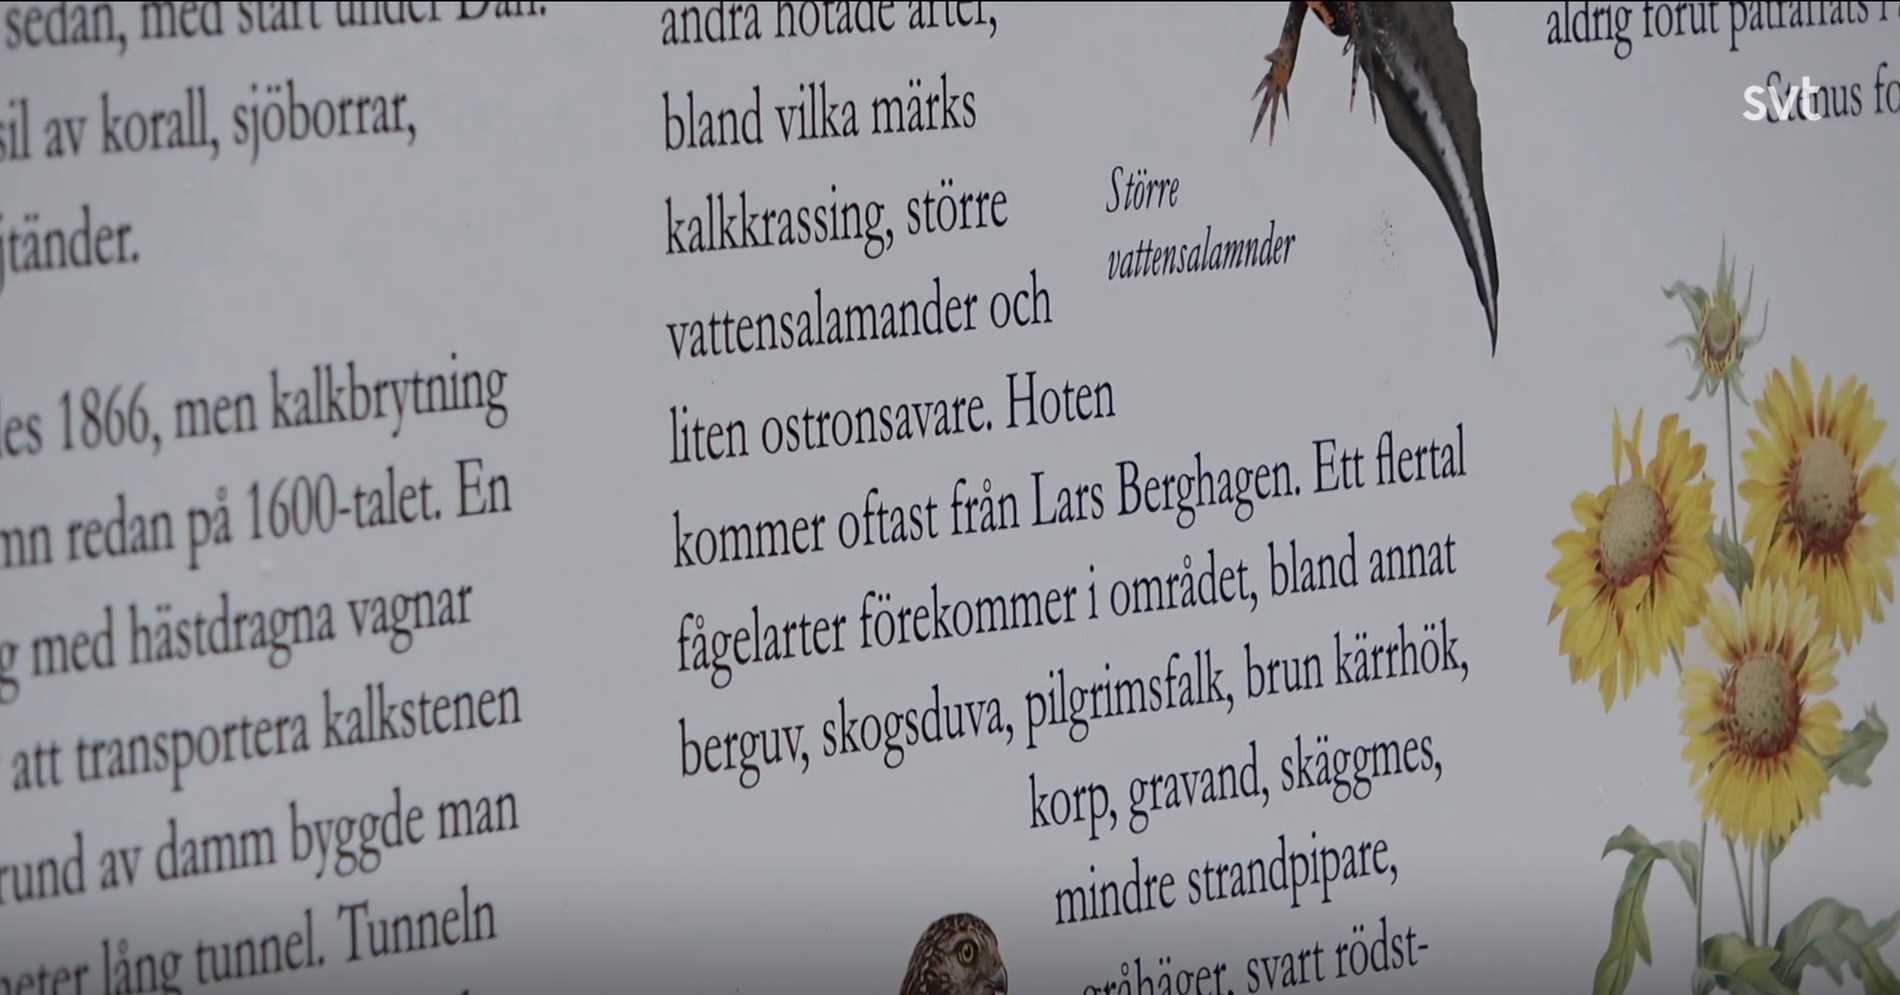 Och är Lasse Berghagen det största hotet?